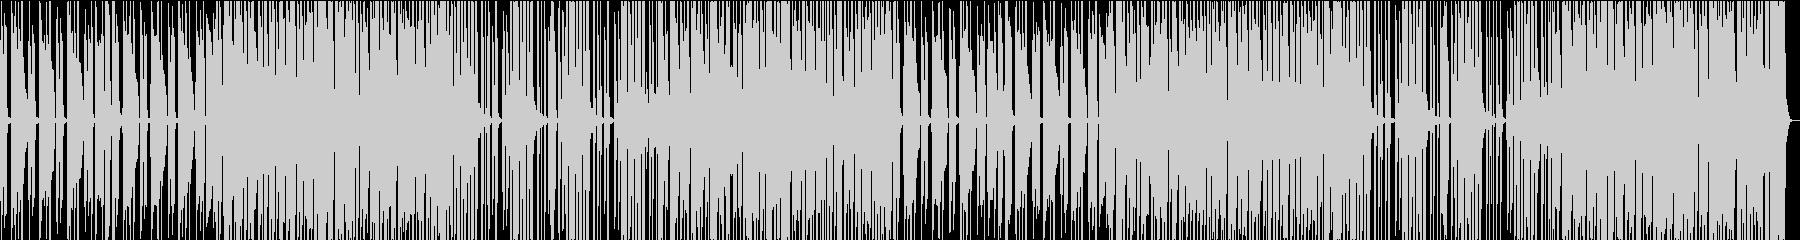 少し間の抜けたようなサウンドのBGMの未再生の波形